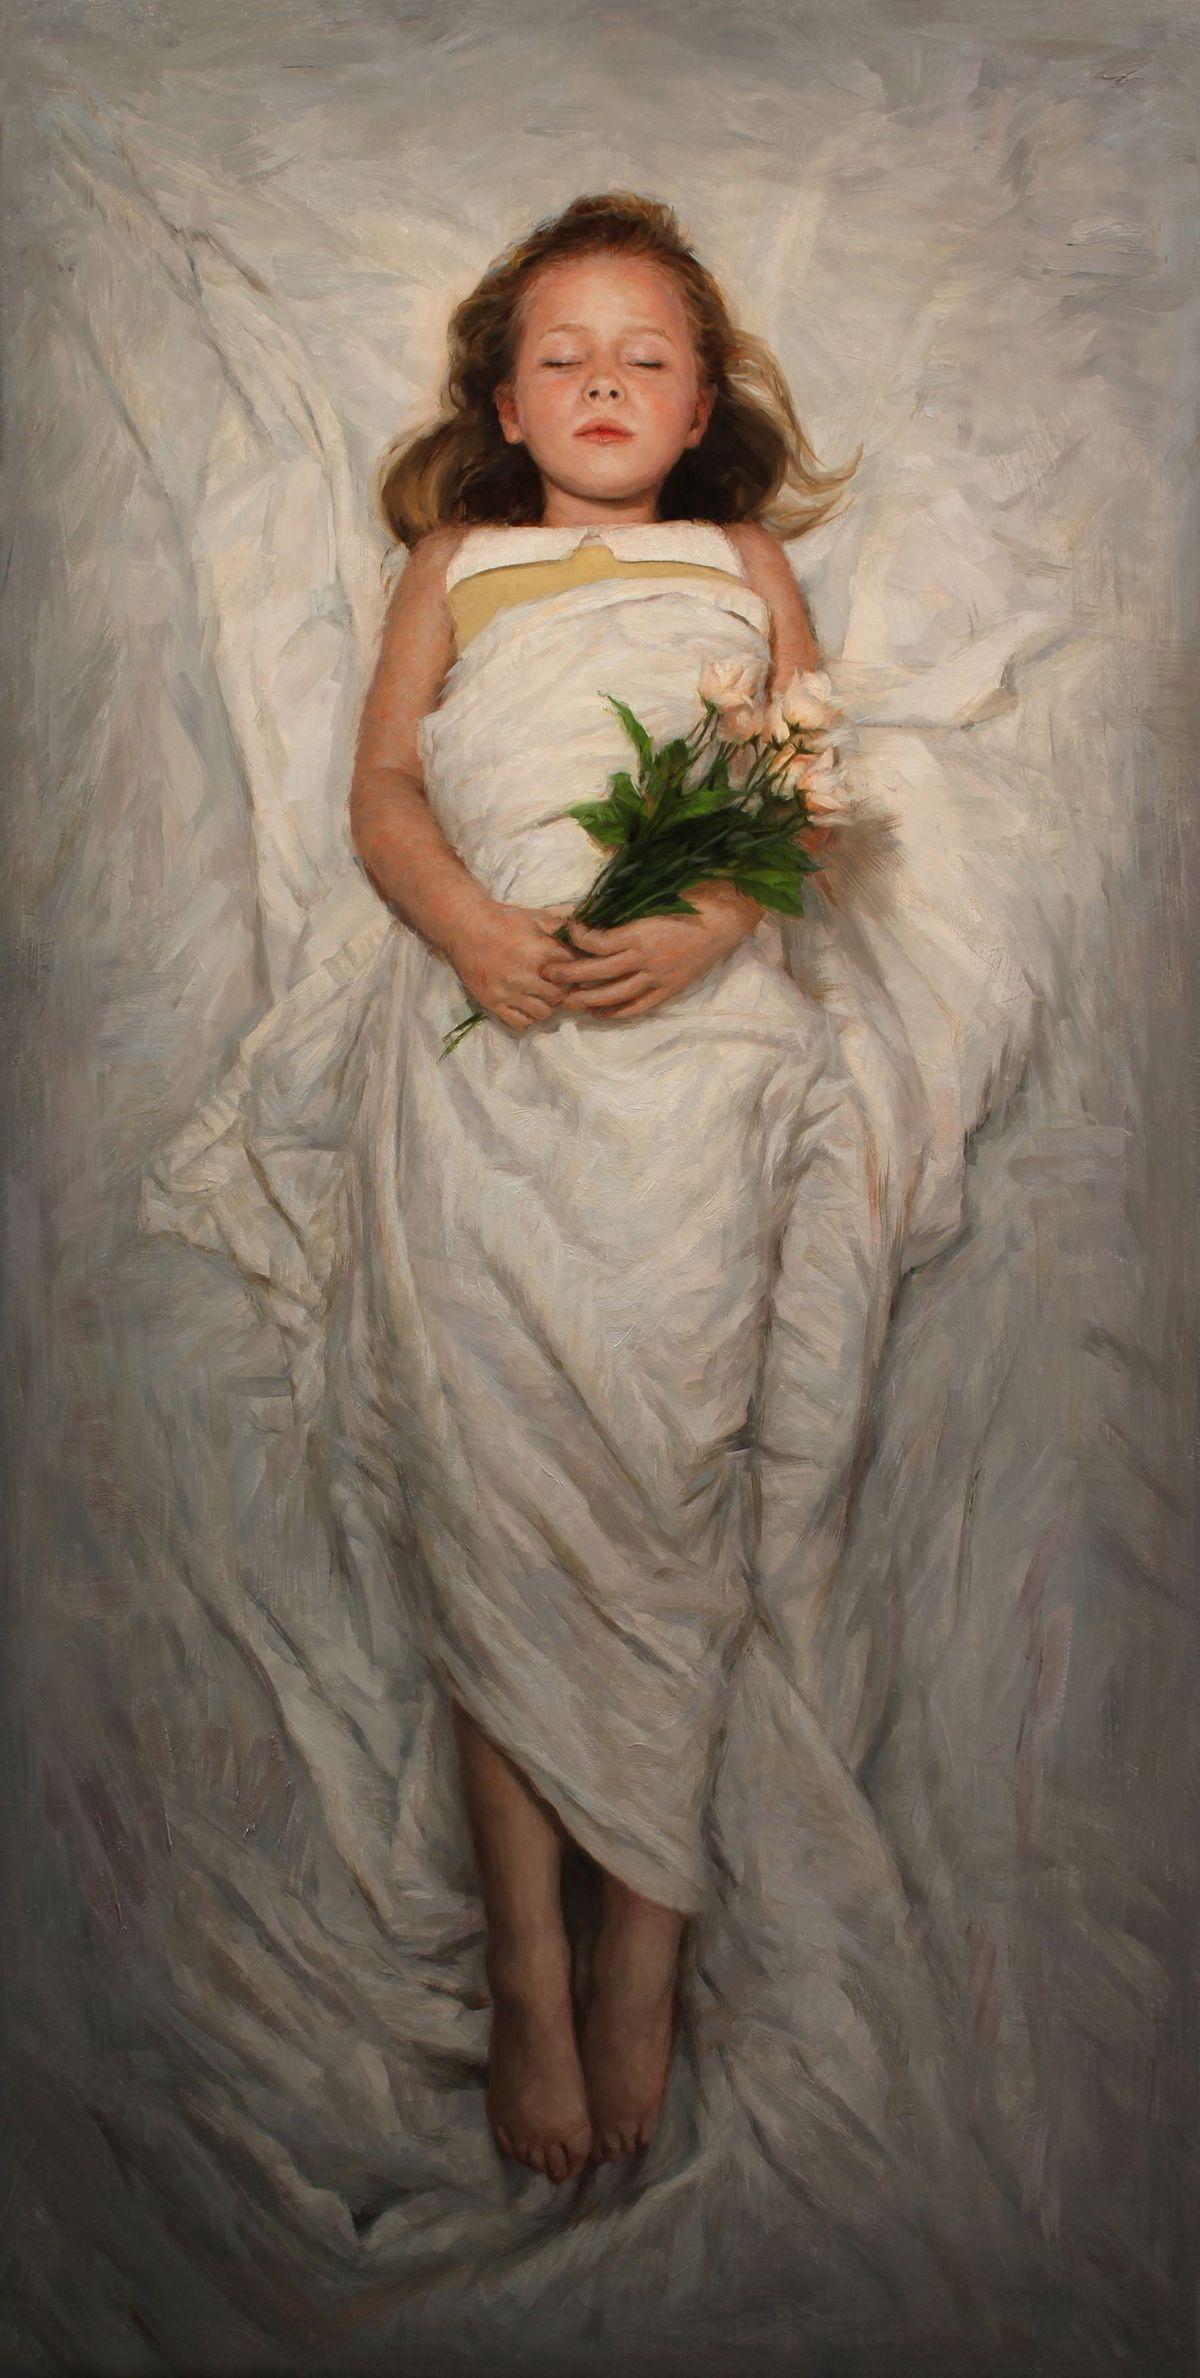 Amaranth by Julio Reyes